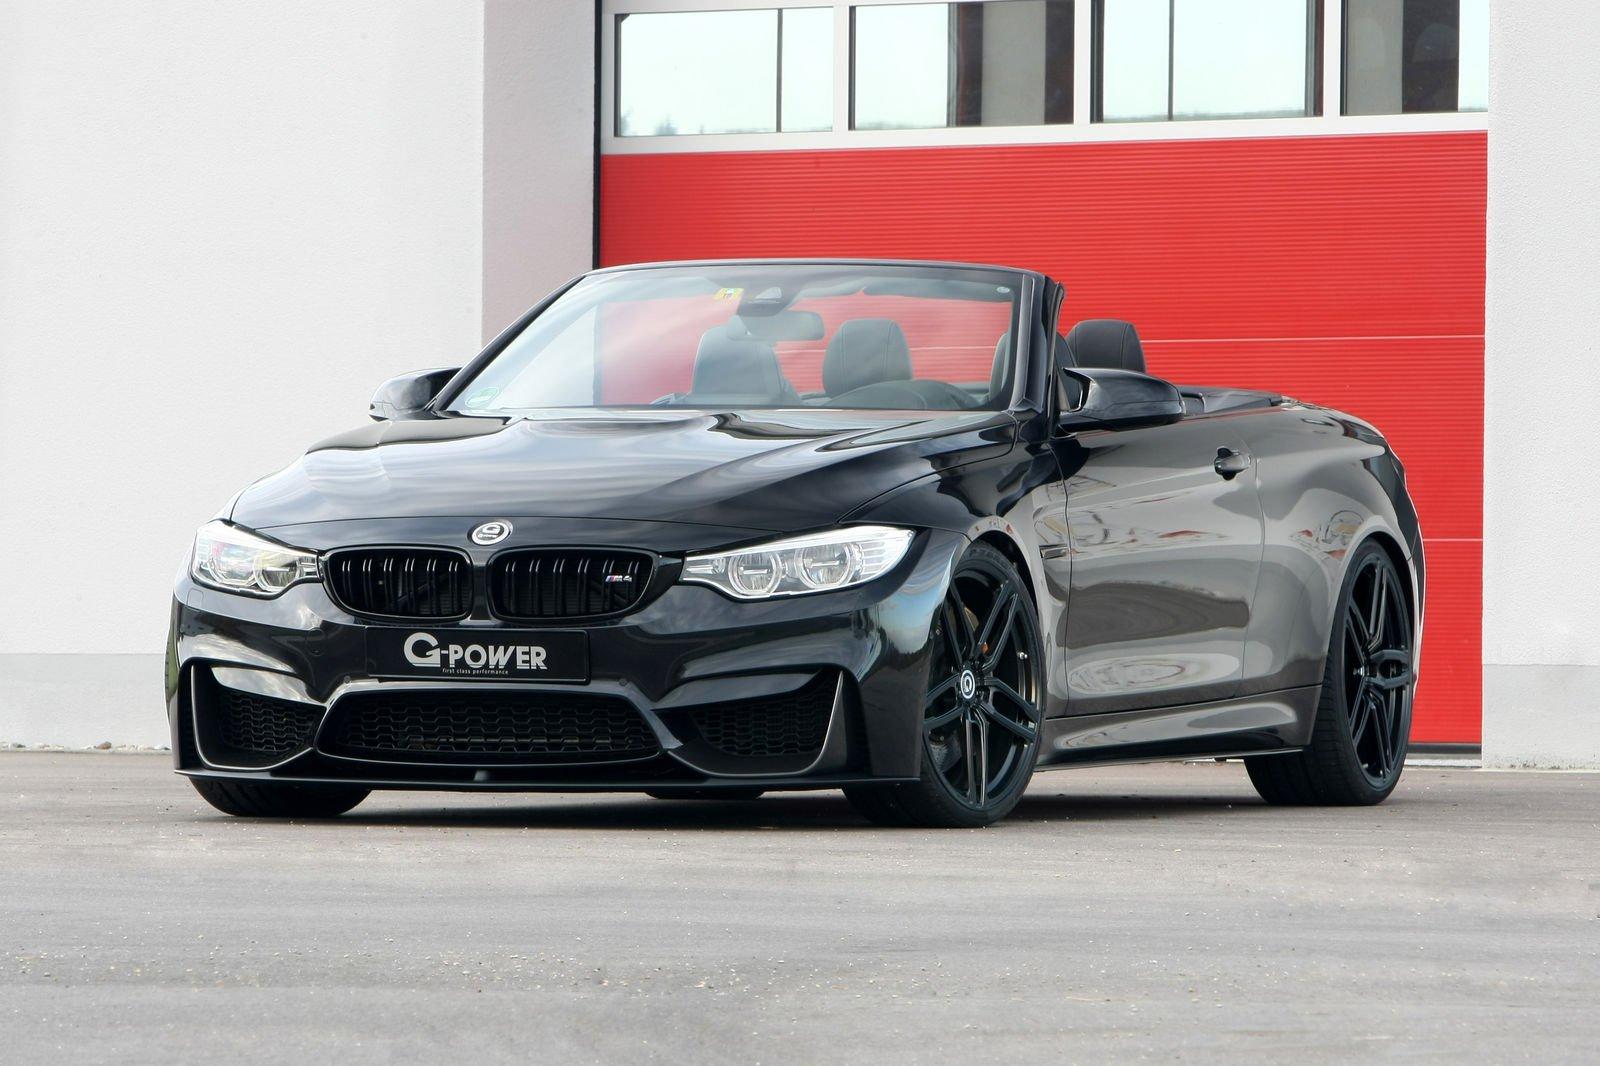 592-сильный BMW M4 от G-Power